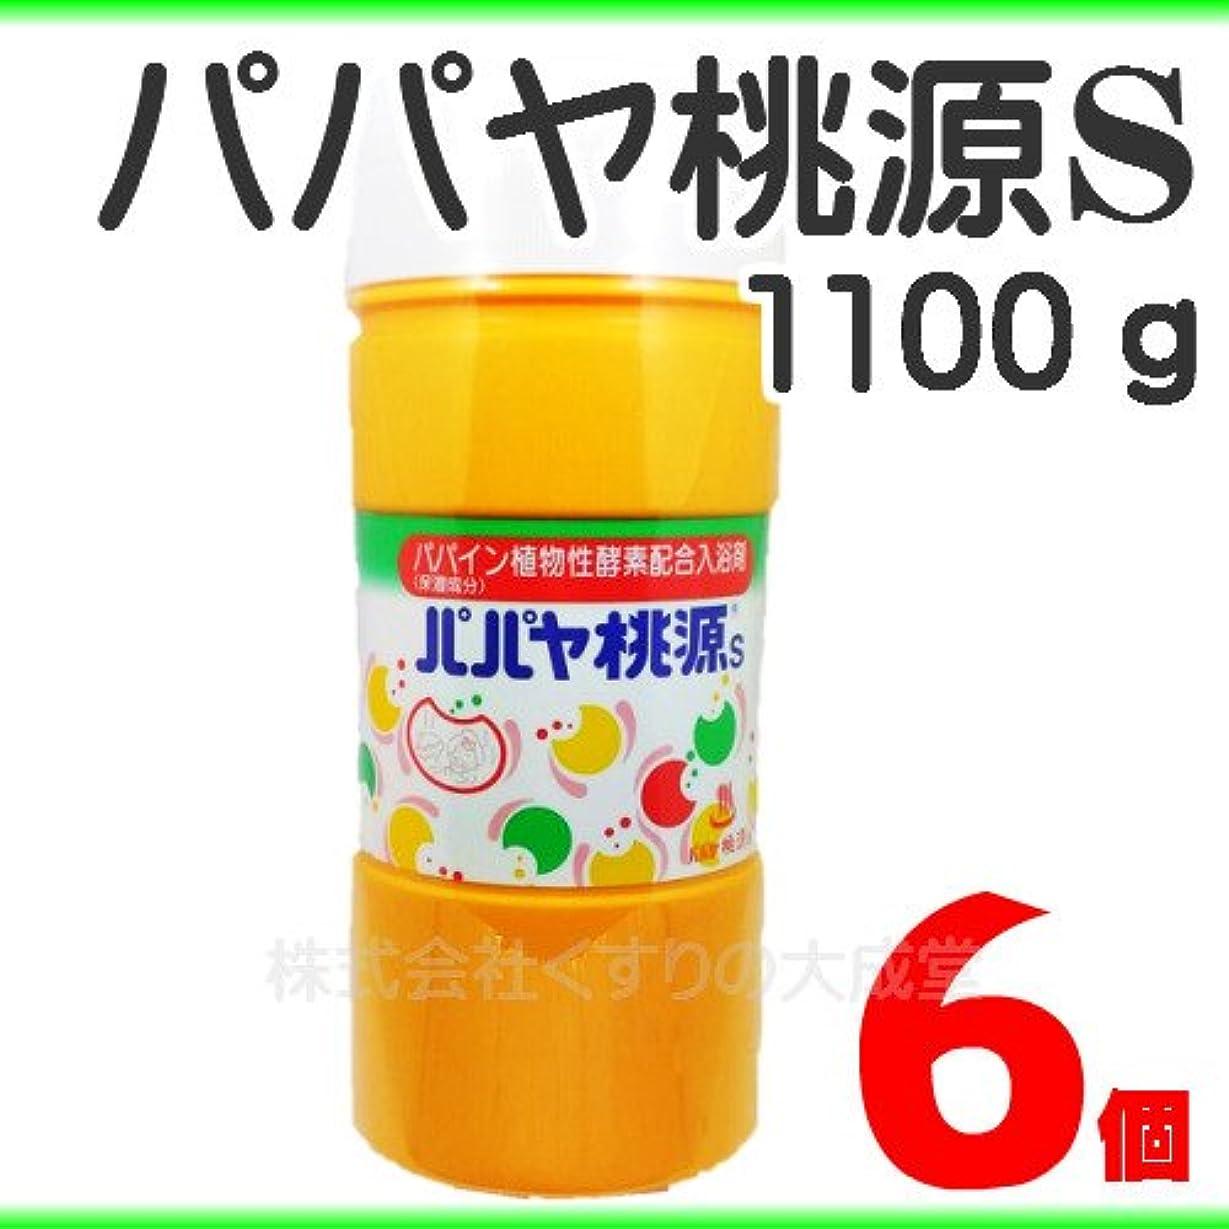 モンゴメリー幅返還パパヤ桃源S 1100g 6個 医薬部外品